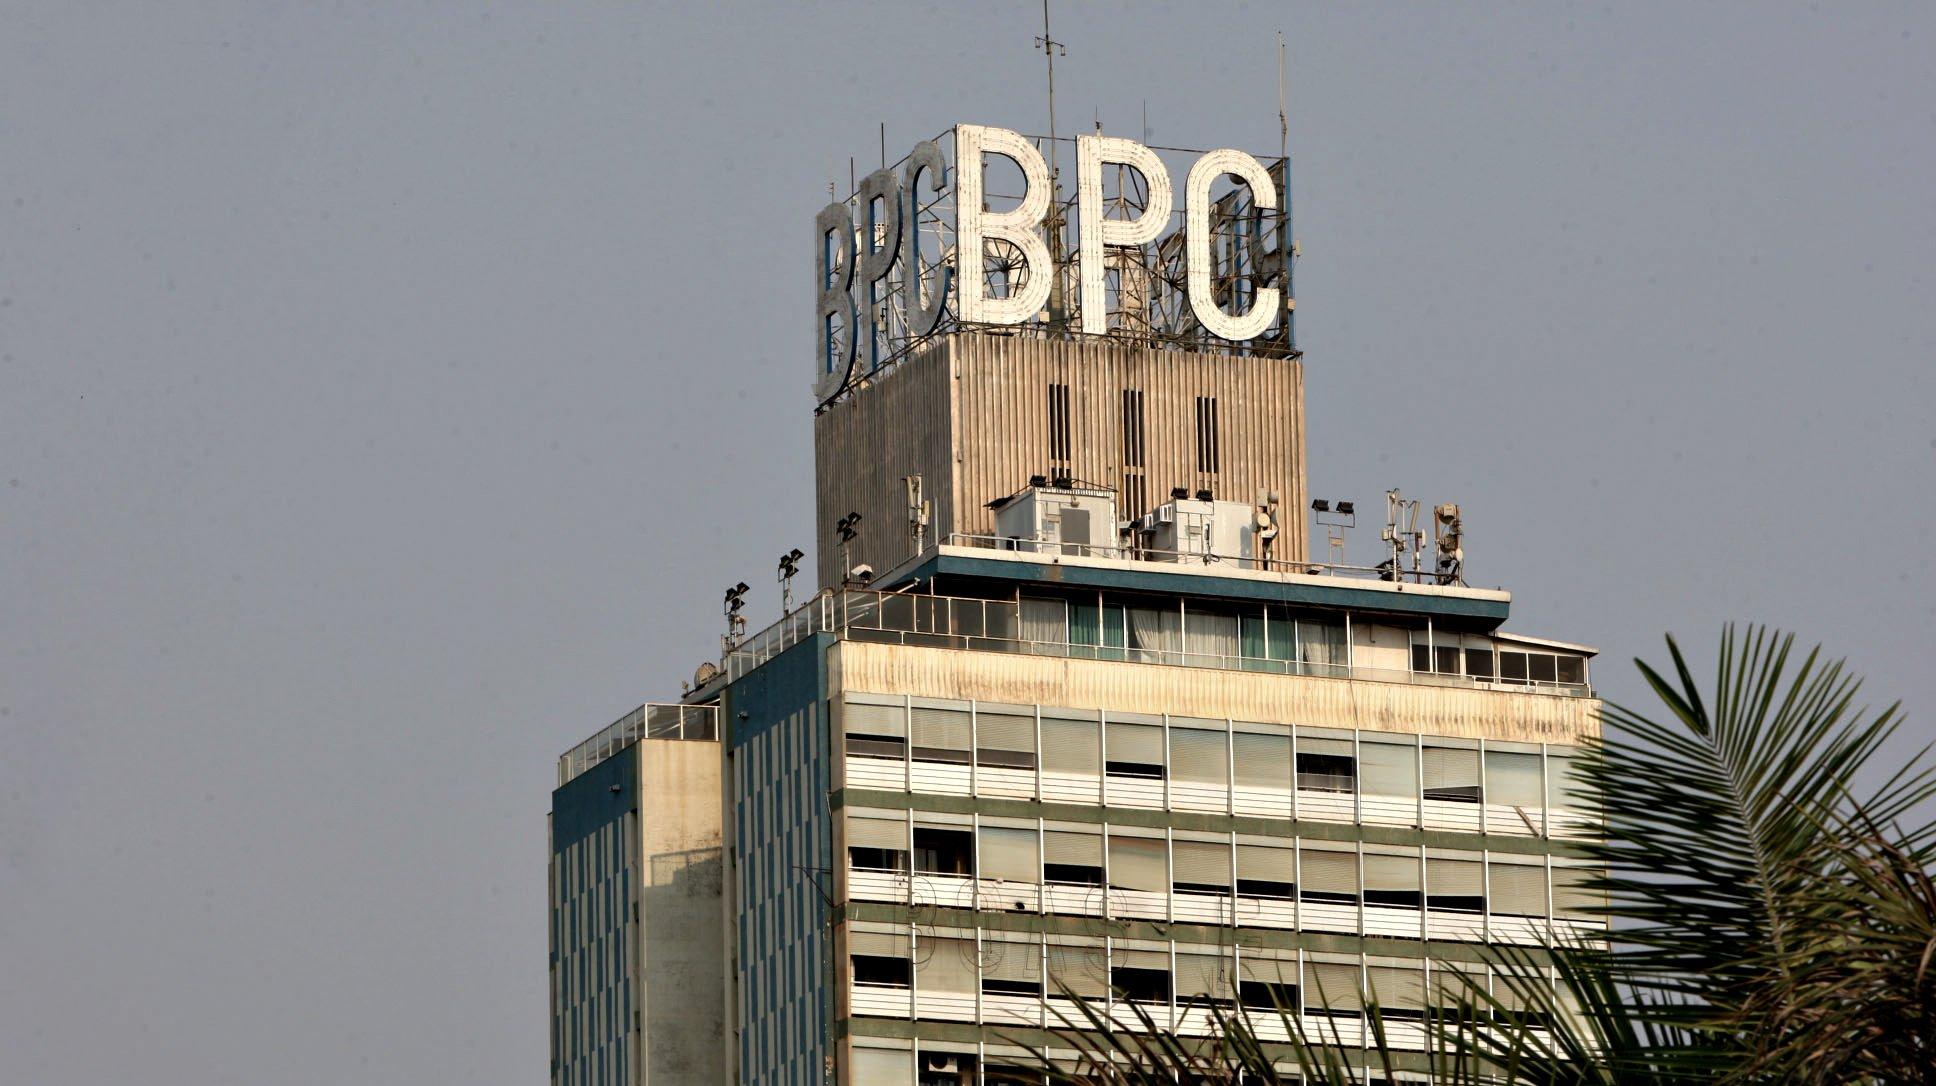 Edifício sede do Banco de Poupança e Crédito (BPC), em Luanda, Angola, 4 de junho de 2020. AMPE ROGÉRIO/LUSA